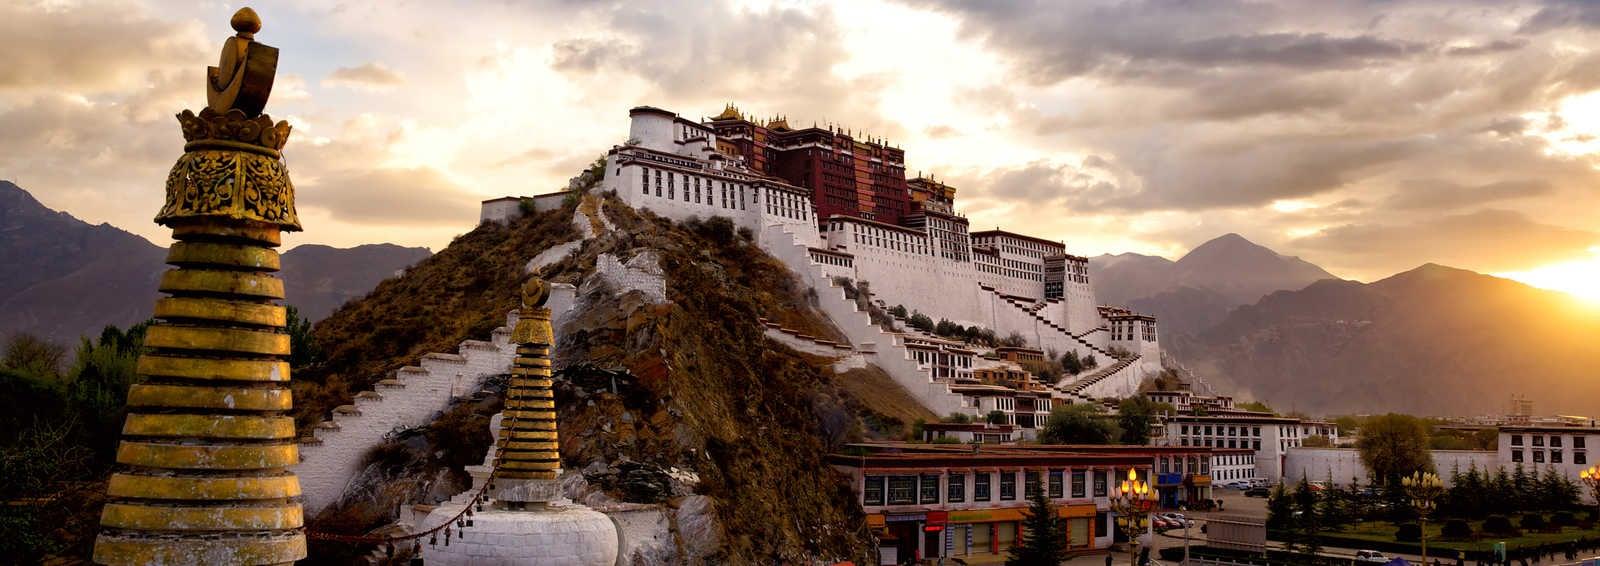 Potala palace at sunrise in Lhasa, Tibet